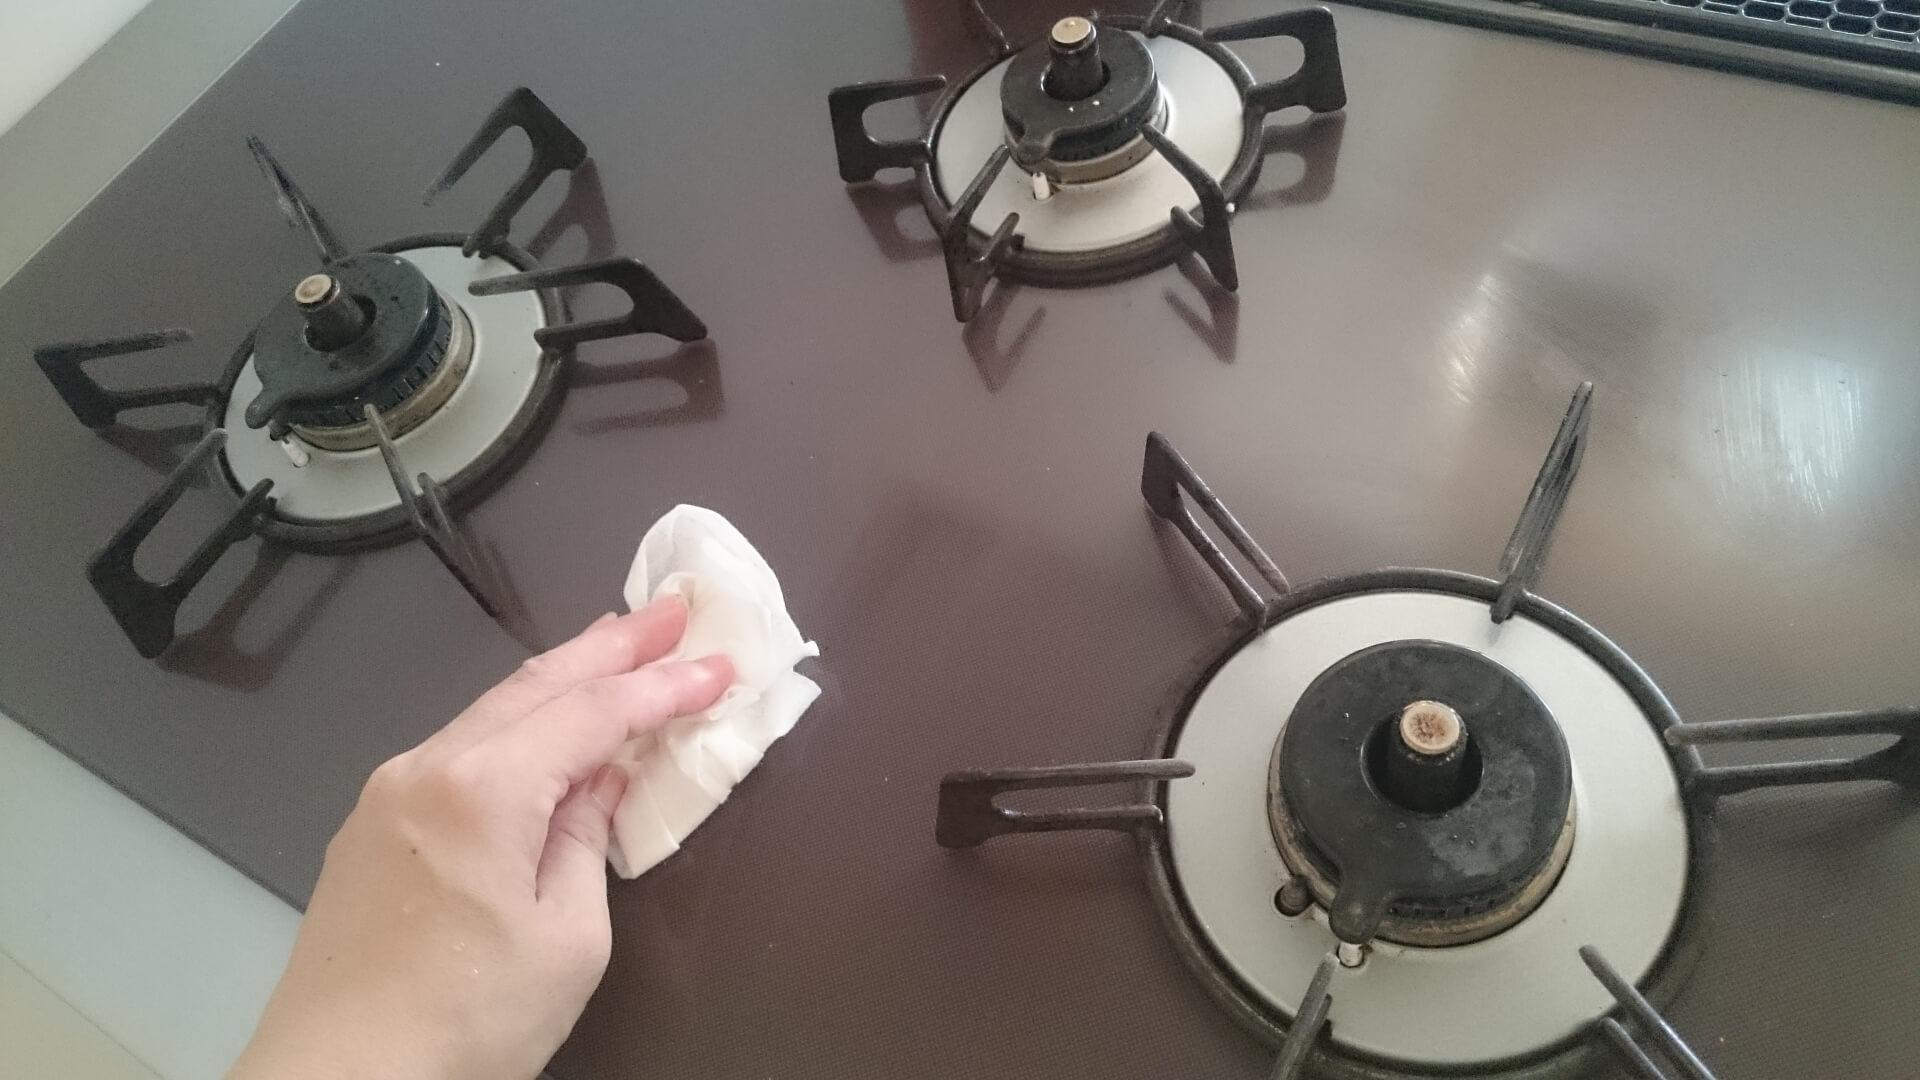 効率的かつキレイにガスコンロを掃除する方法